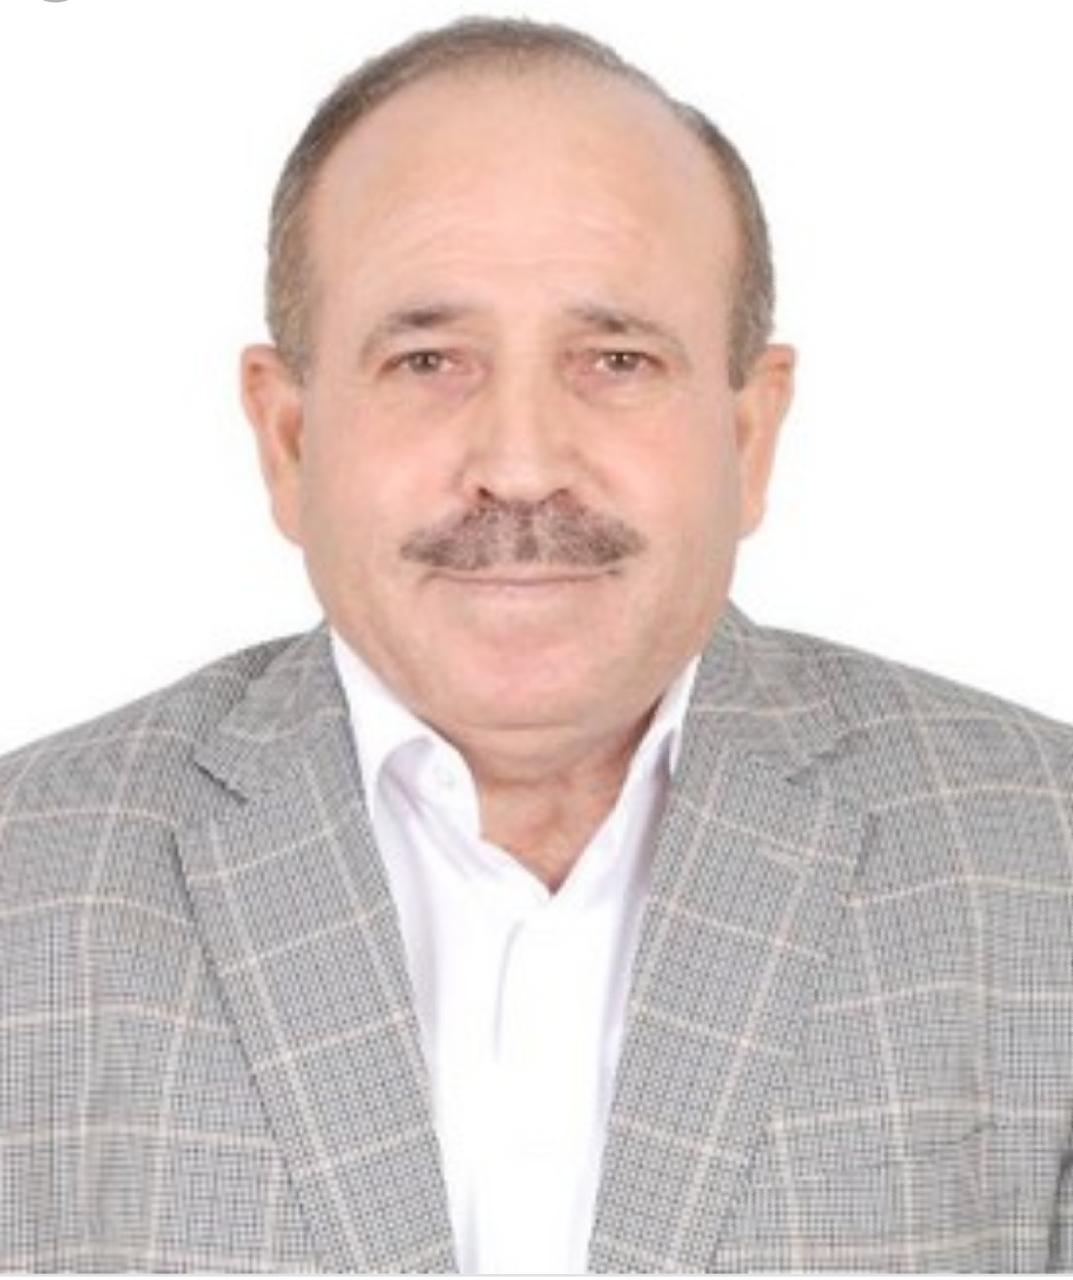 ابطال غزة هاشم ينازلون الكيان الصهيوني  ..  فلسطين ستبقى القبلة الاولى للمقاومة والتحرير